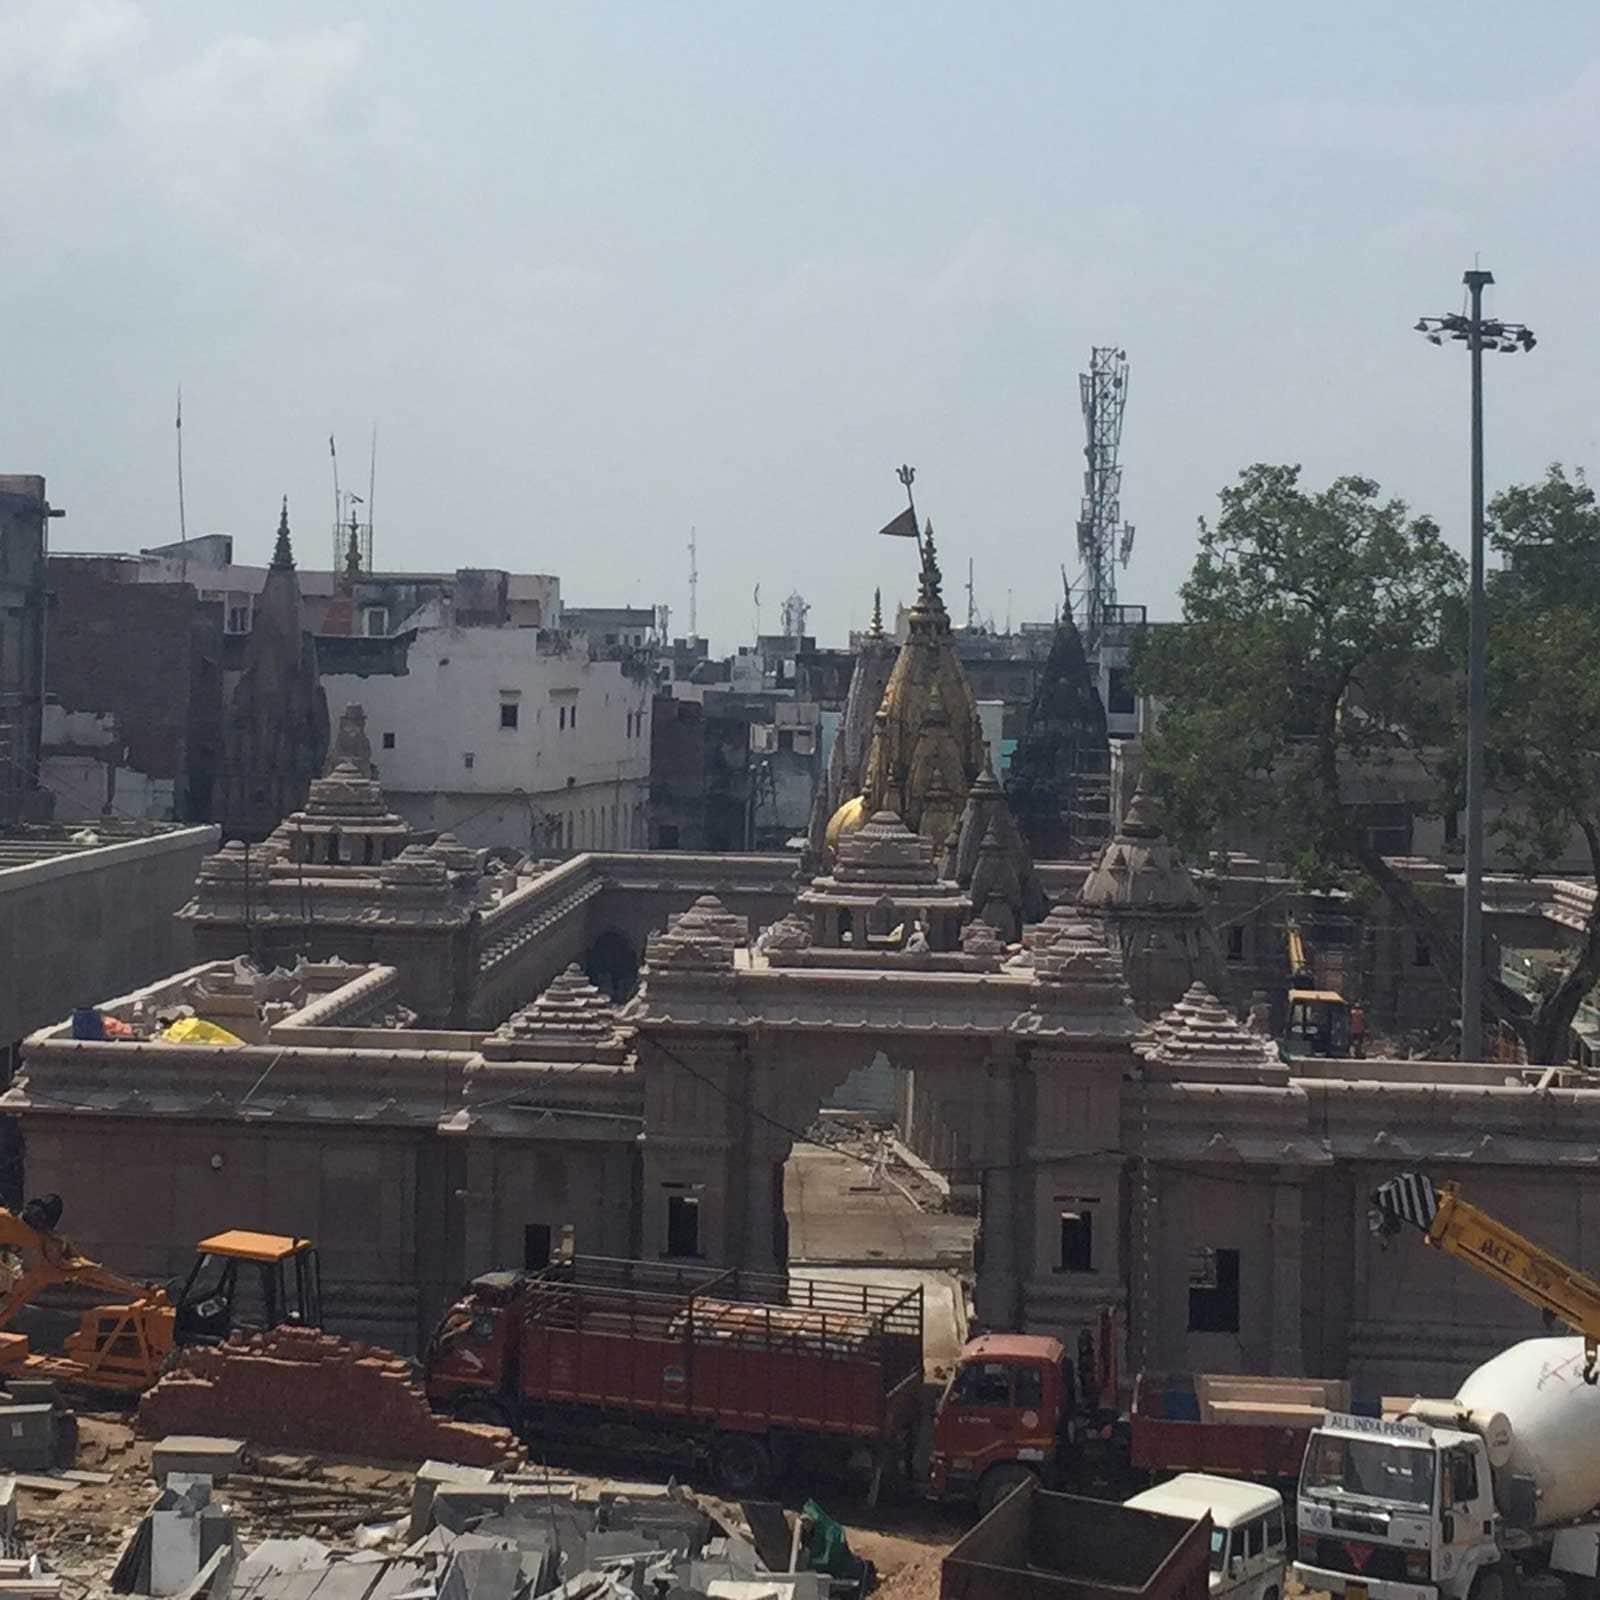 प्रधानमंत्री नरेंद्र मोदी के ड्रीम प्रोजेक्ट काशी विश्वनाथ कॉरीडोर (Kashi Vishwanath Corridor) में मंदिर चौक की तस्वीर सामने आ गई है. नक्काशीदार इमारतों और खंभे की गुलाबी आभा के बीच बाबा विश्वनाथ के स्वर्ण शिखर की छवि हर किसी को मोहित कर देगी.विश्वनाथ धाम और कॉरीडोर की शुरुआत से ही मंदिर चौक बनने को लेकर सभी की दिलचस्पी थी. बनकर कैसा दिखेगा मंदिर चौक, अब वो इंतजार खत्म होने को है. मंदिर चौक का पहला लुक या यूं कहें कि मूल स्वरूप सामने आ गया है.